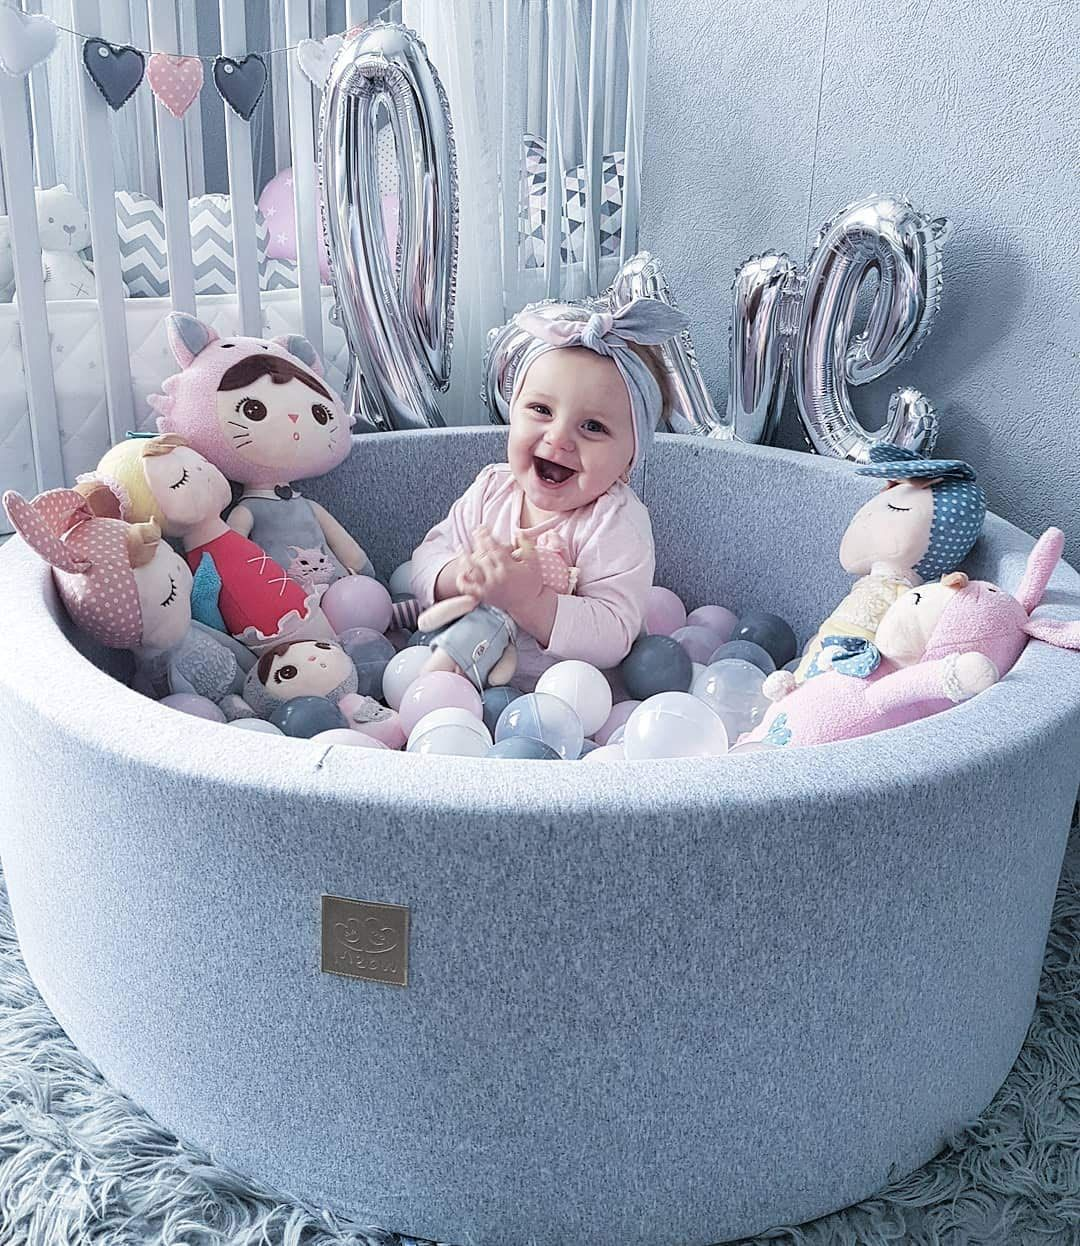 Épinglé sur Idée cadeau jouets bébé 0   18 mois